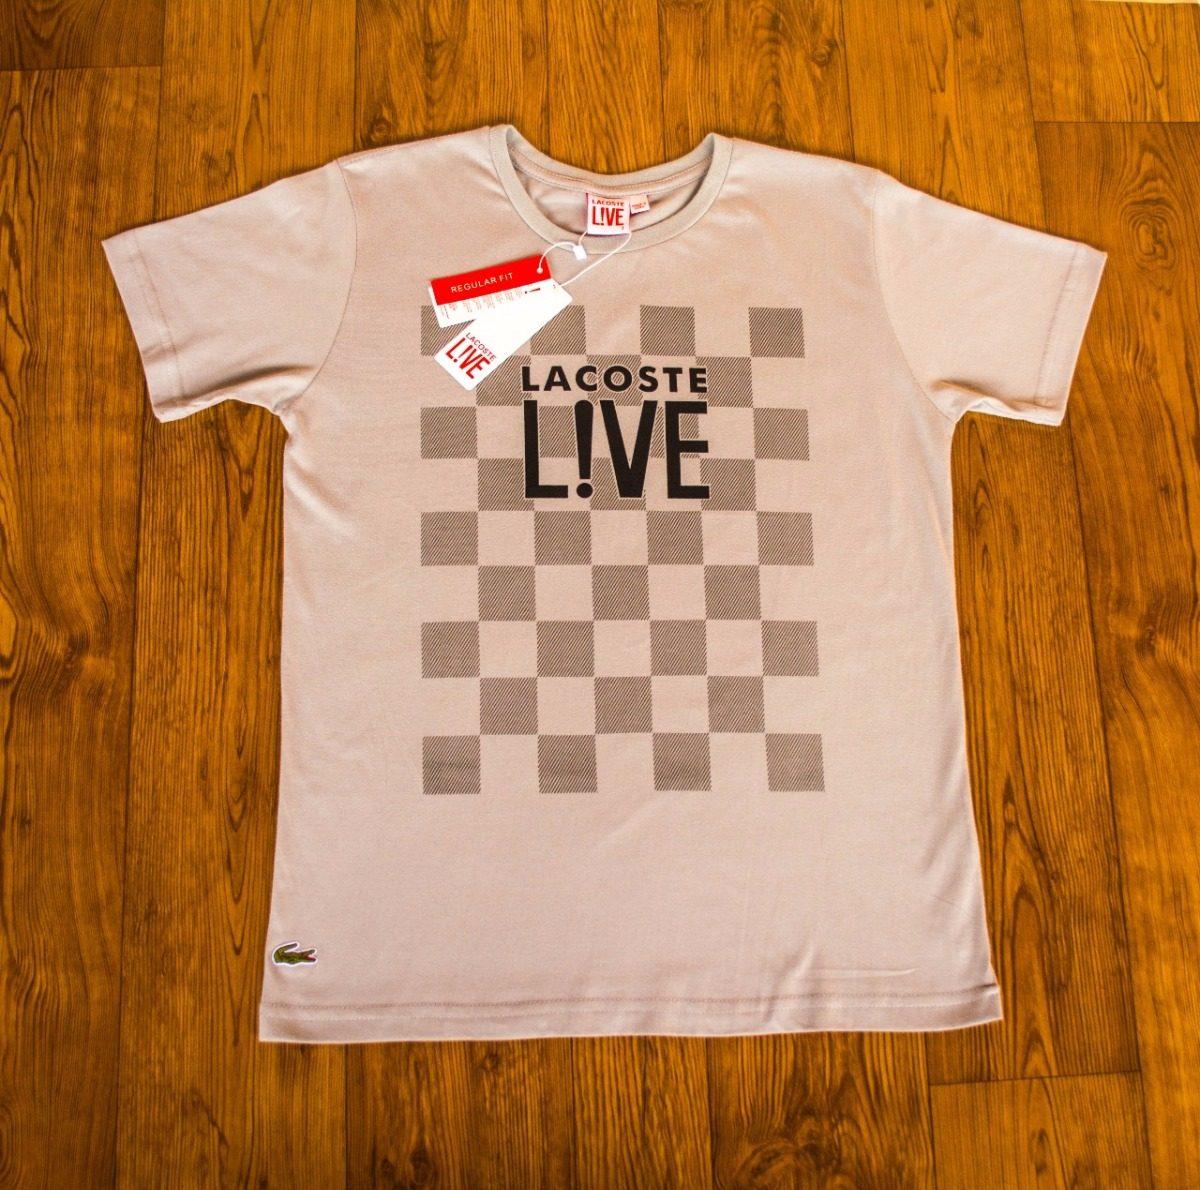 0e52fd1518b camiseta malha peruana lacoste live 6 unidades frete gratis. Carregando zoom .